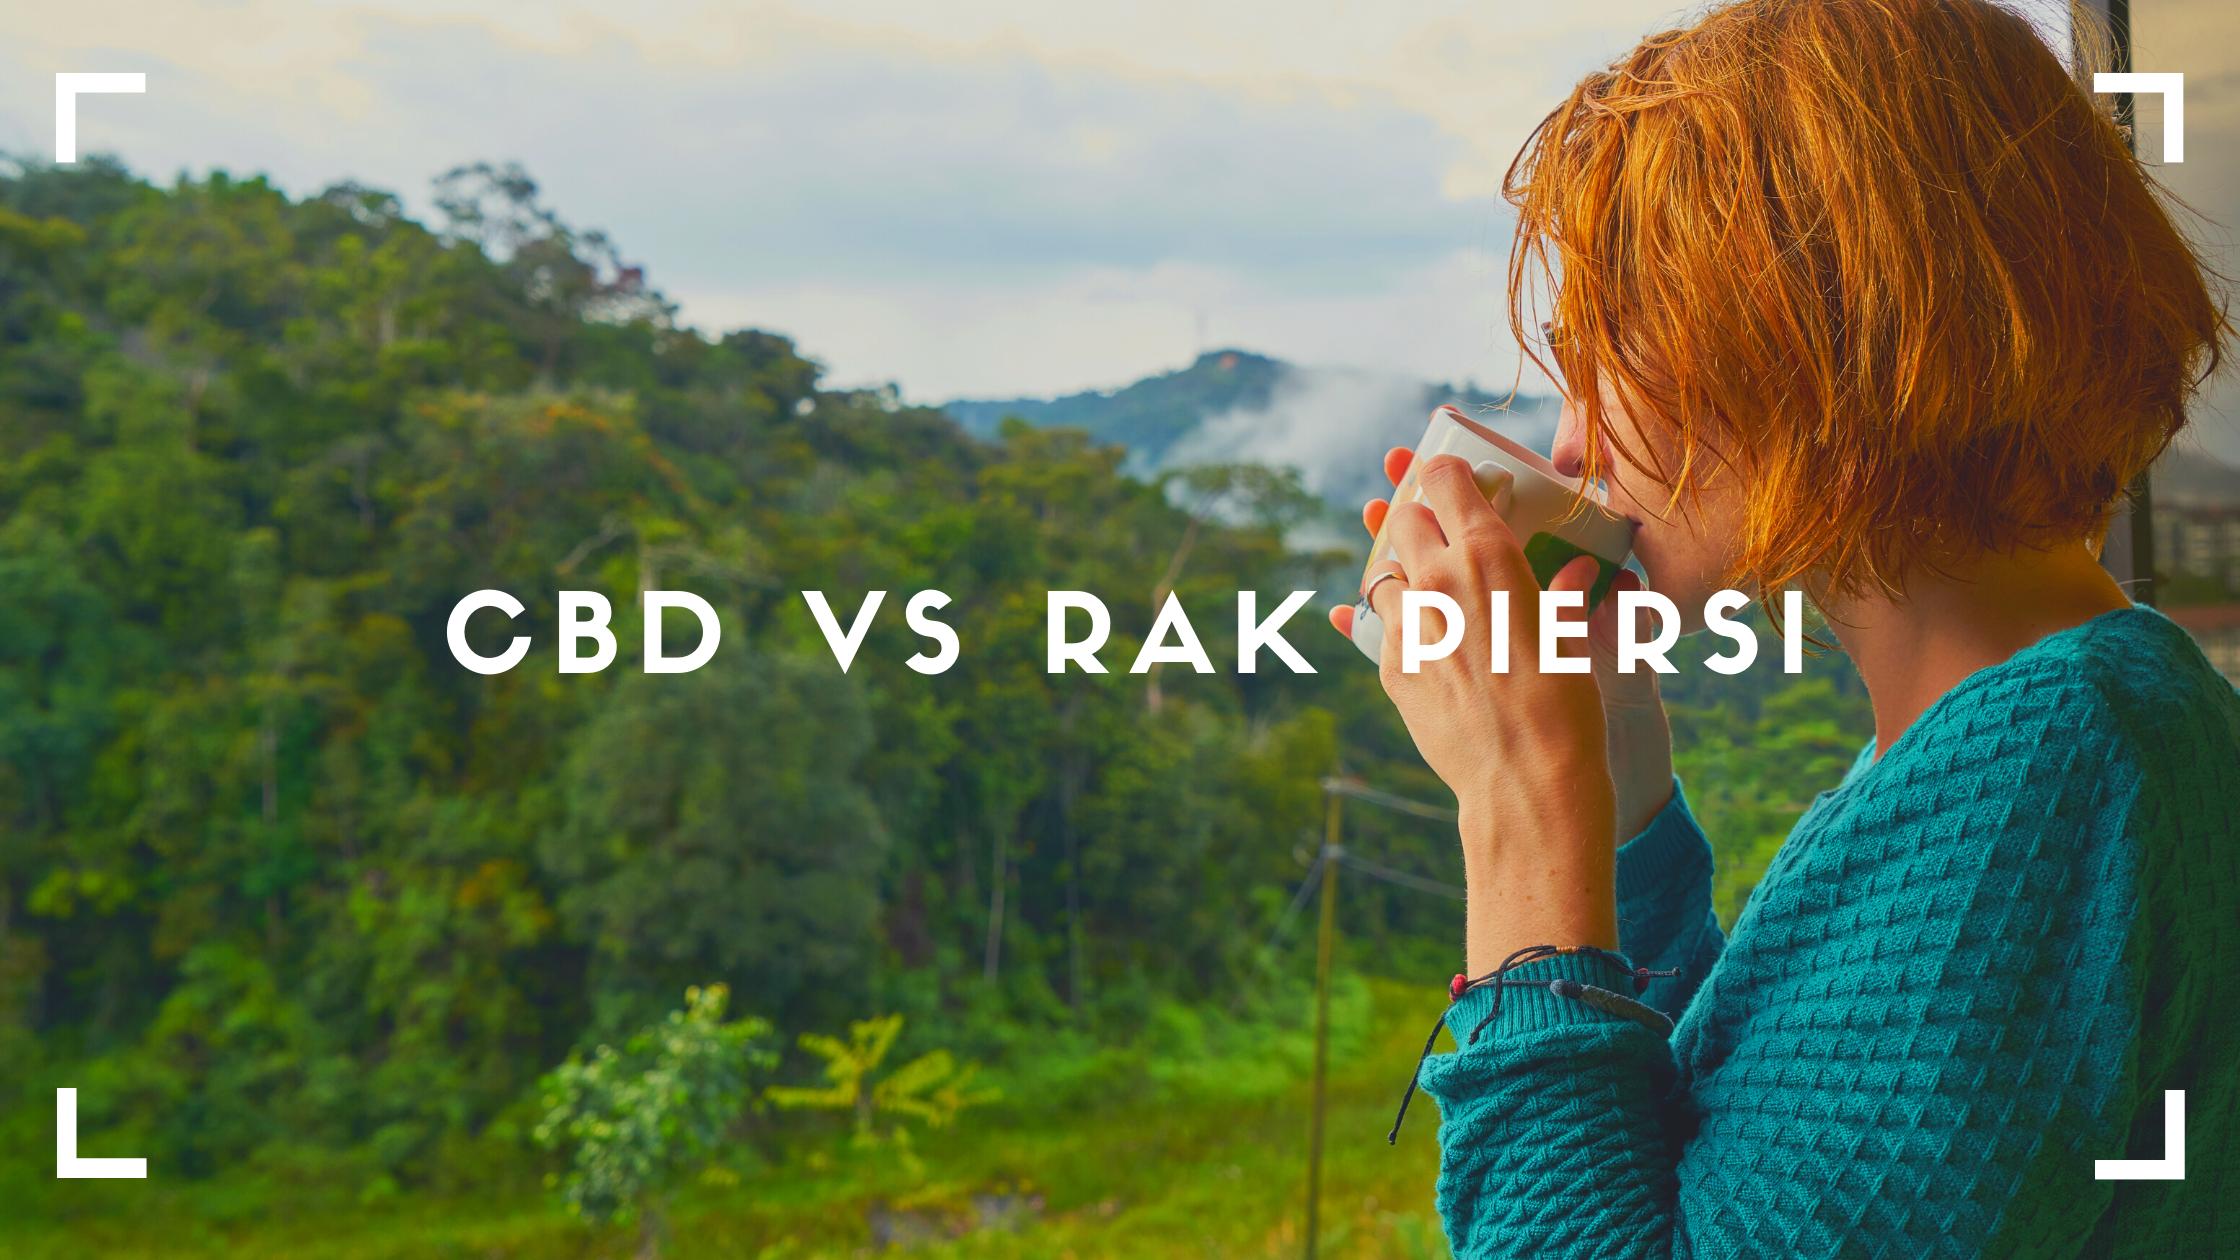 CBD vs RAK PIERSI